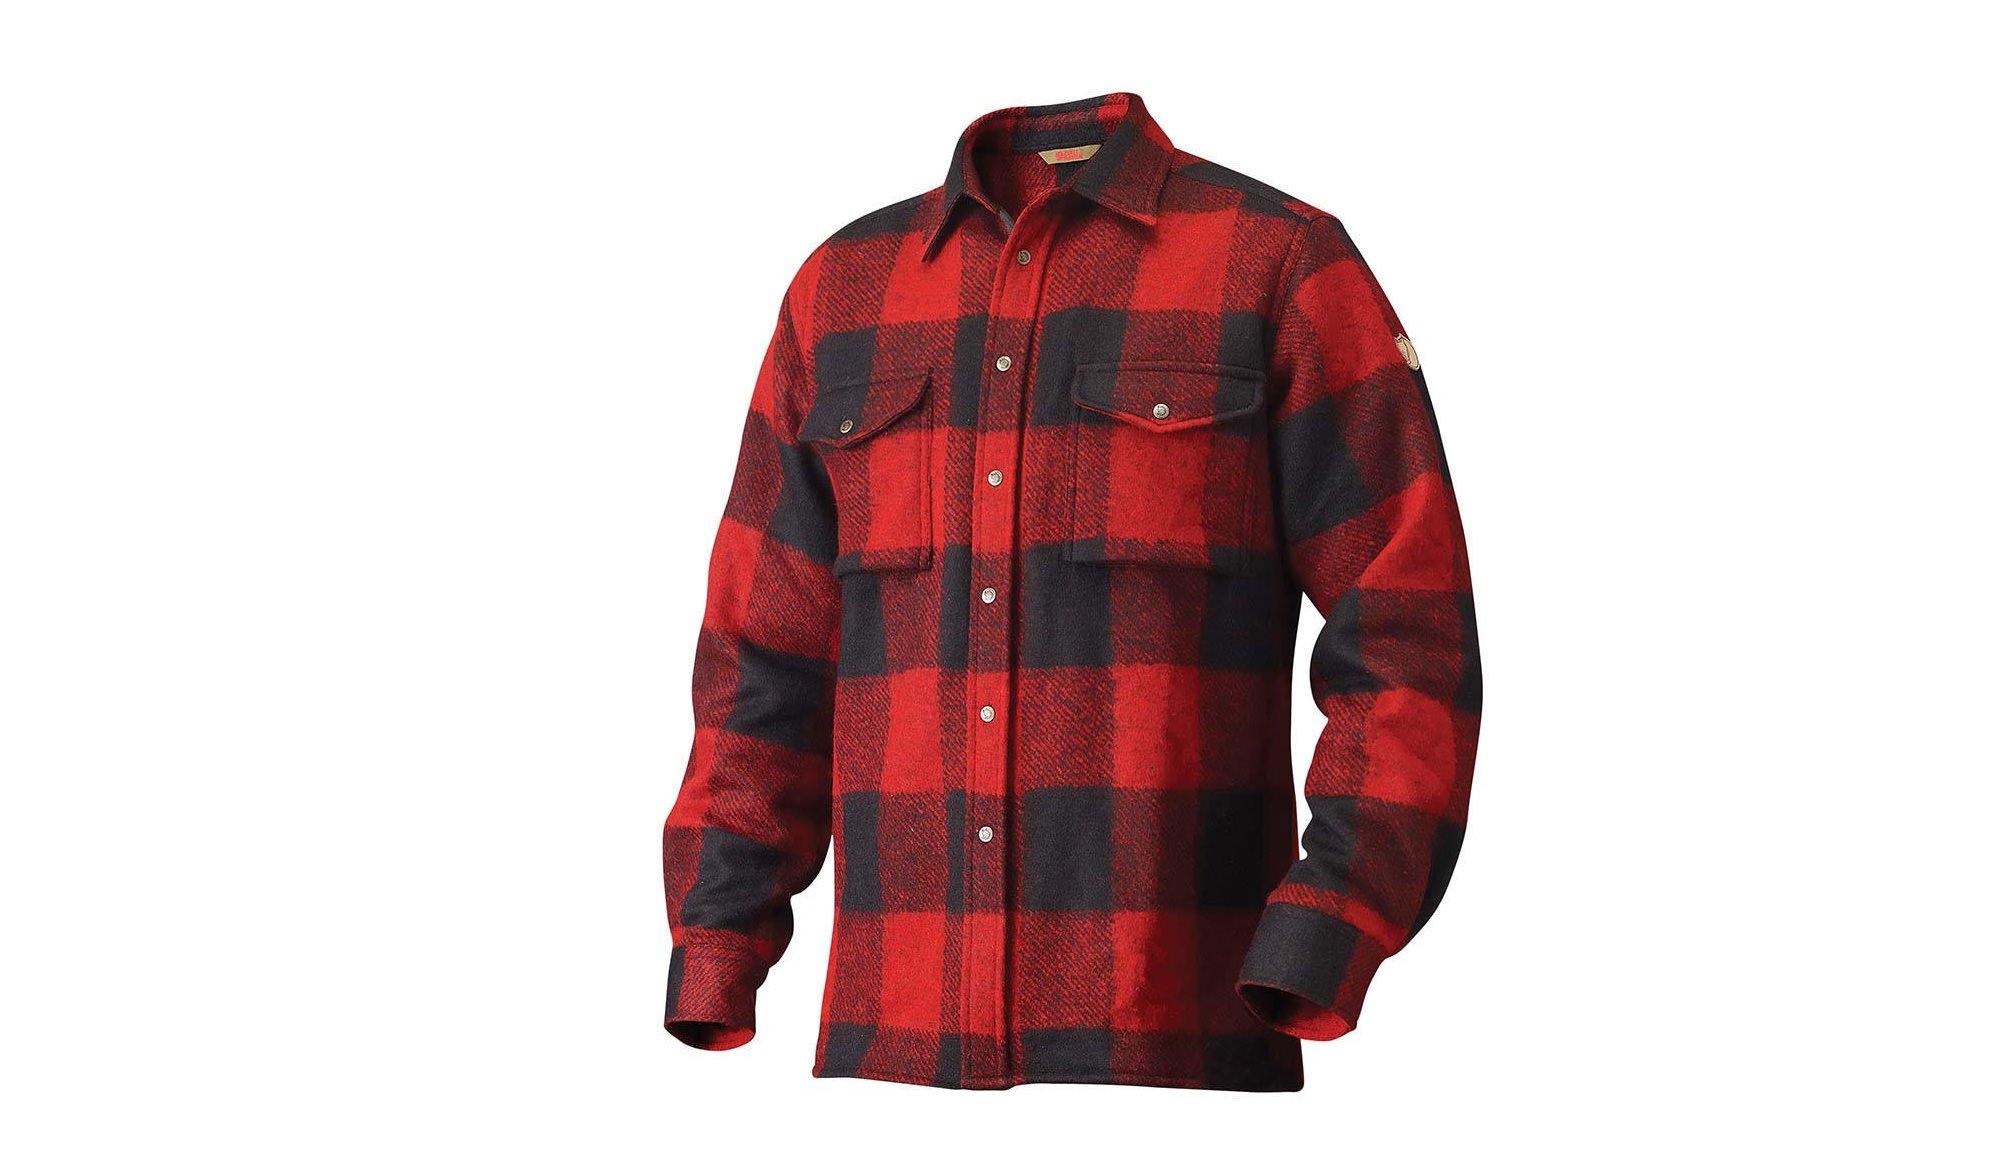 Lumberjack Shirt By Fj 228 Llr 228 Ven